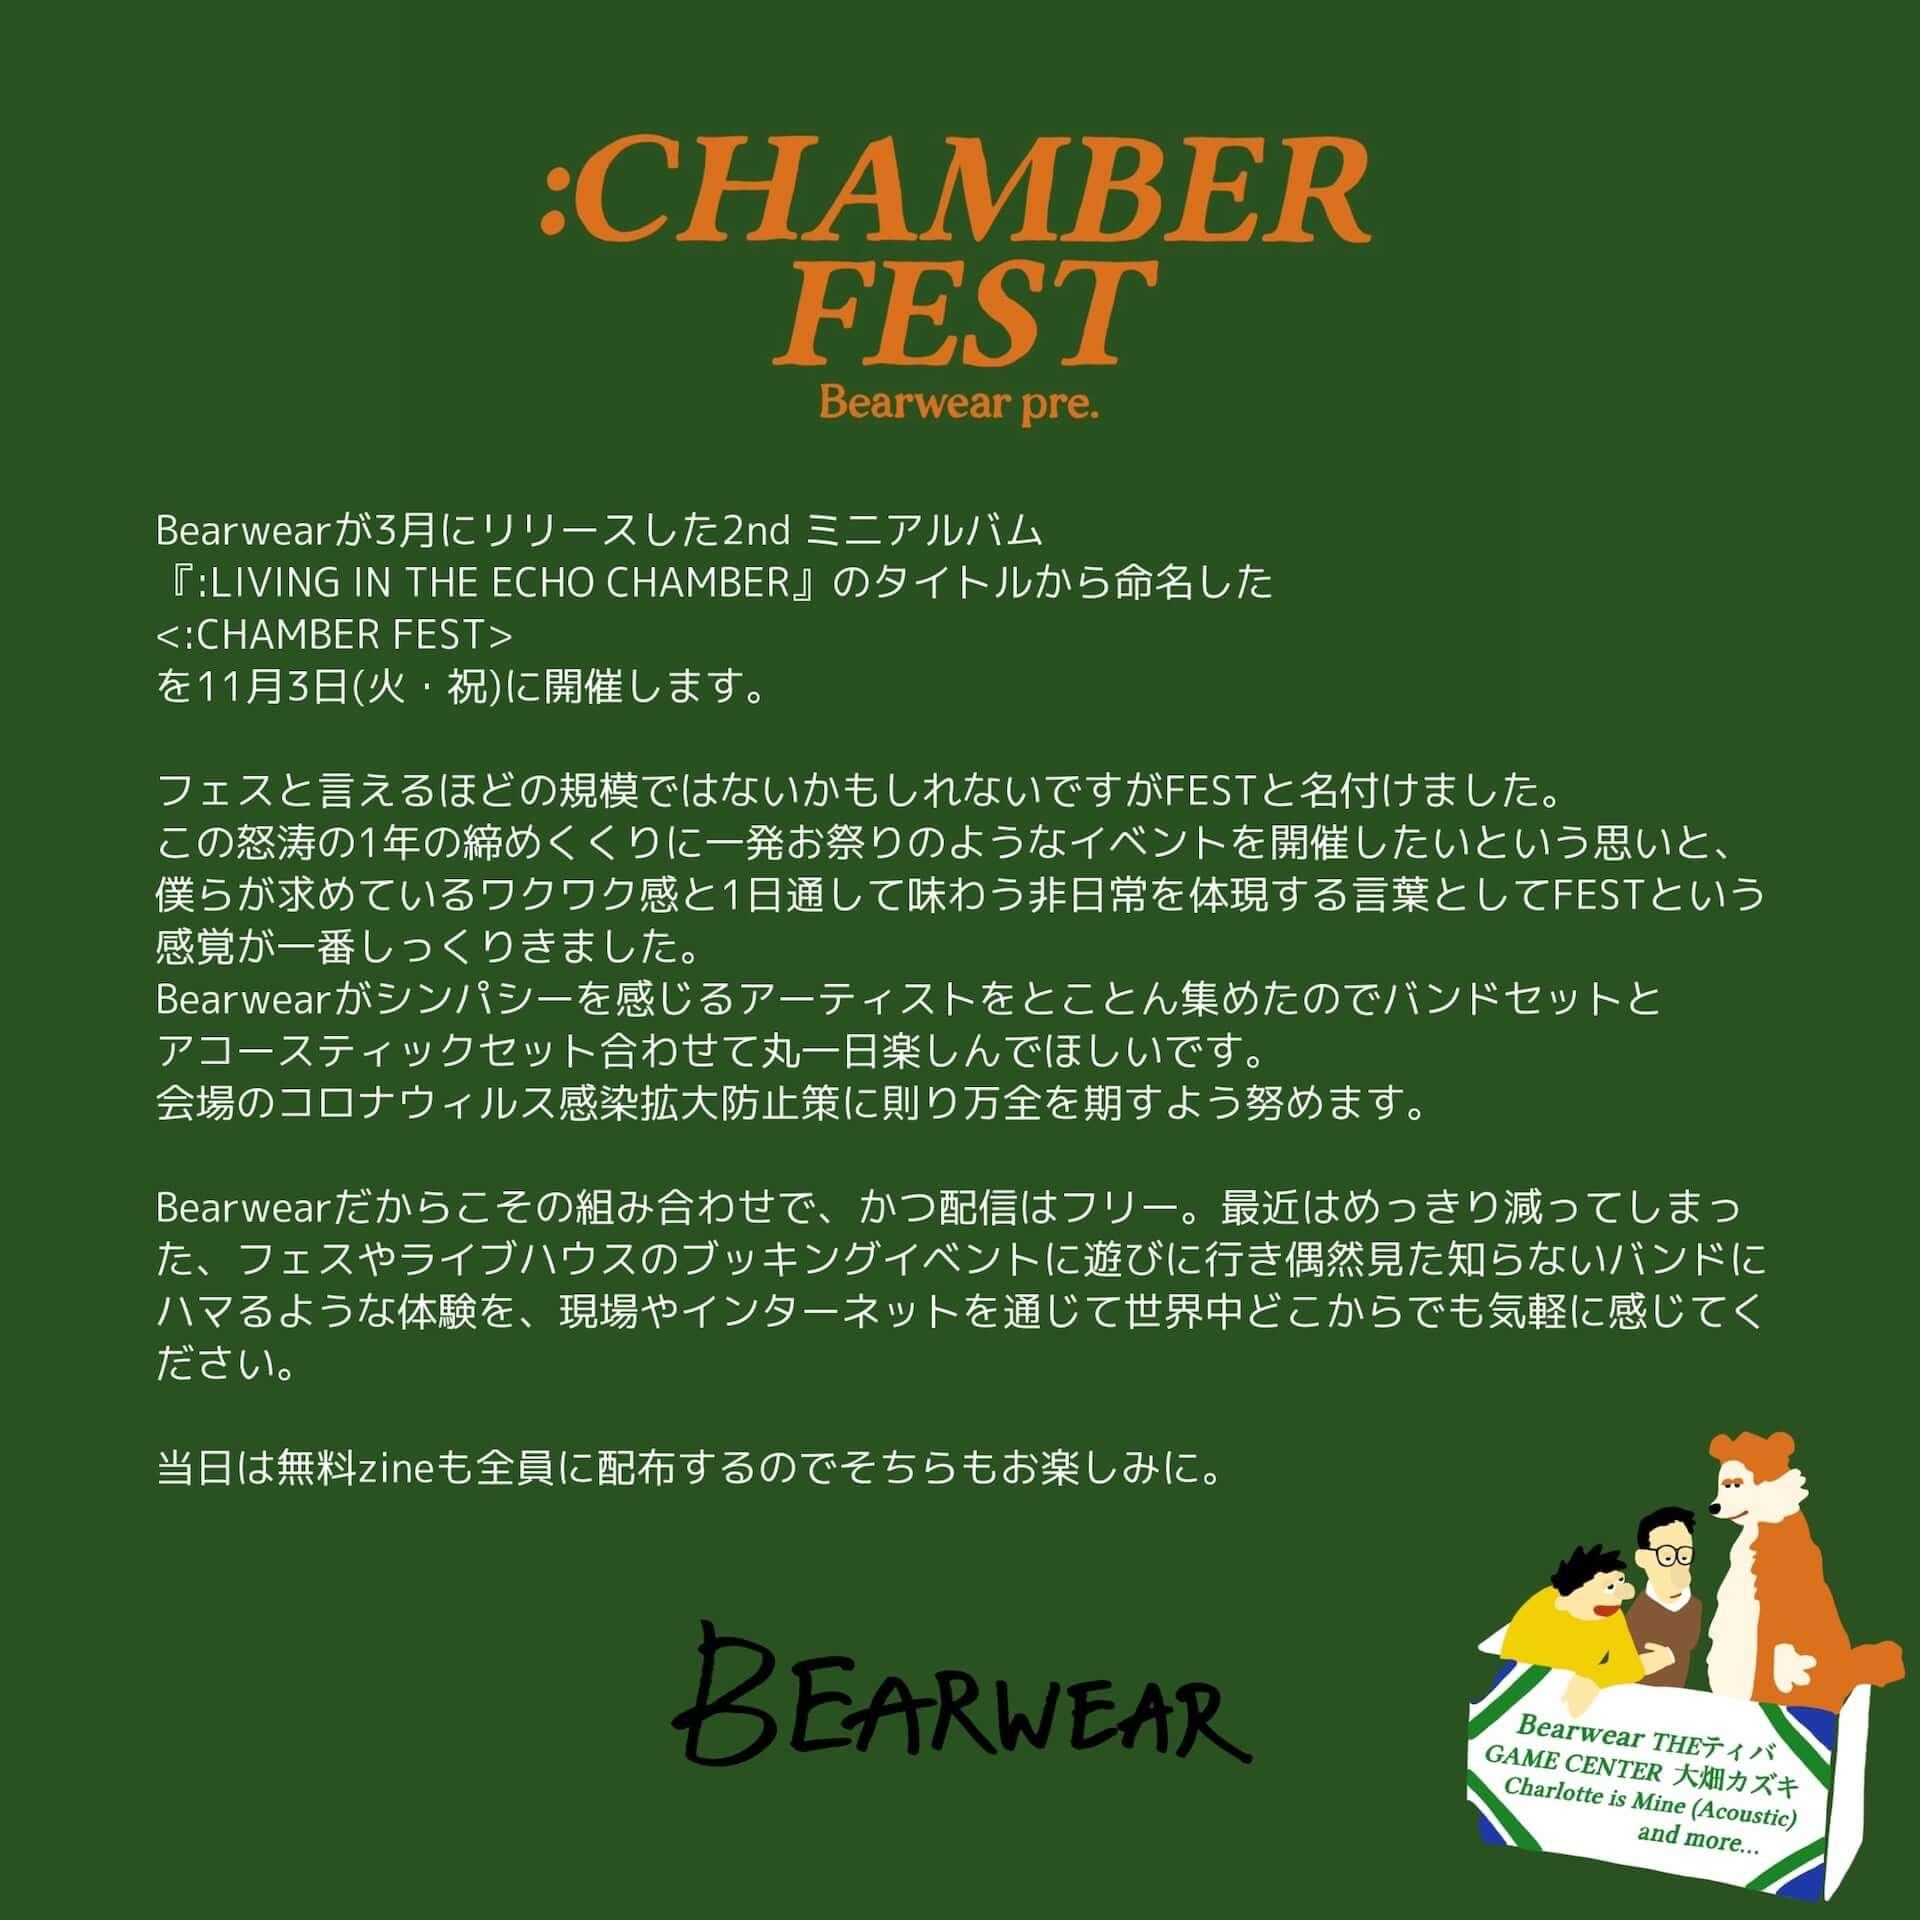 Bearwear主催<:CHAMBER FEST>の最終ラインナップが解禁!17歳とベルリンの壁、Mother・山内彰馬らが出演決定 music201028_chamberfest_3-1920x1920